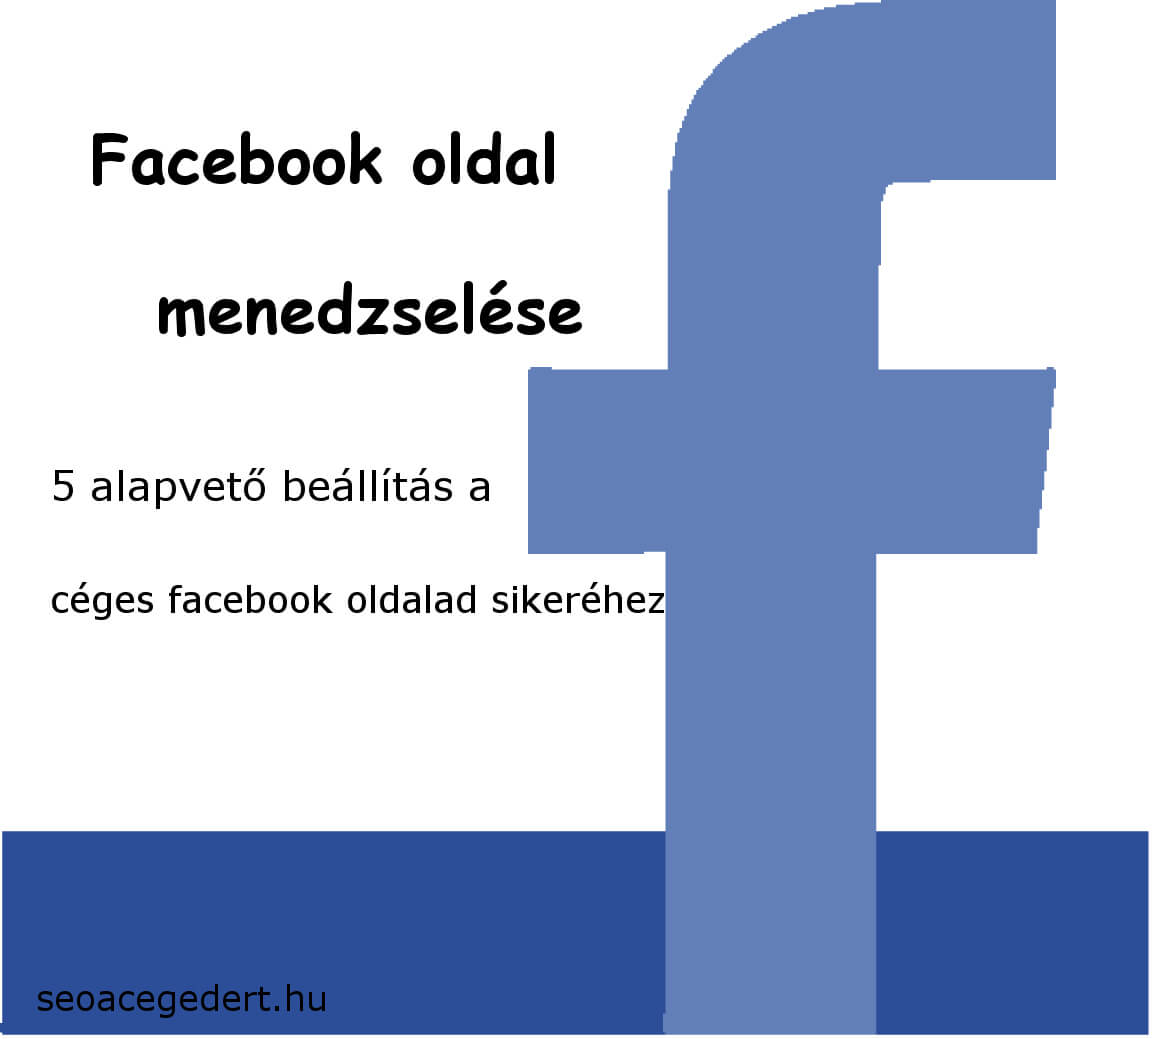 facebook oldal menedszelése